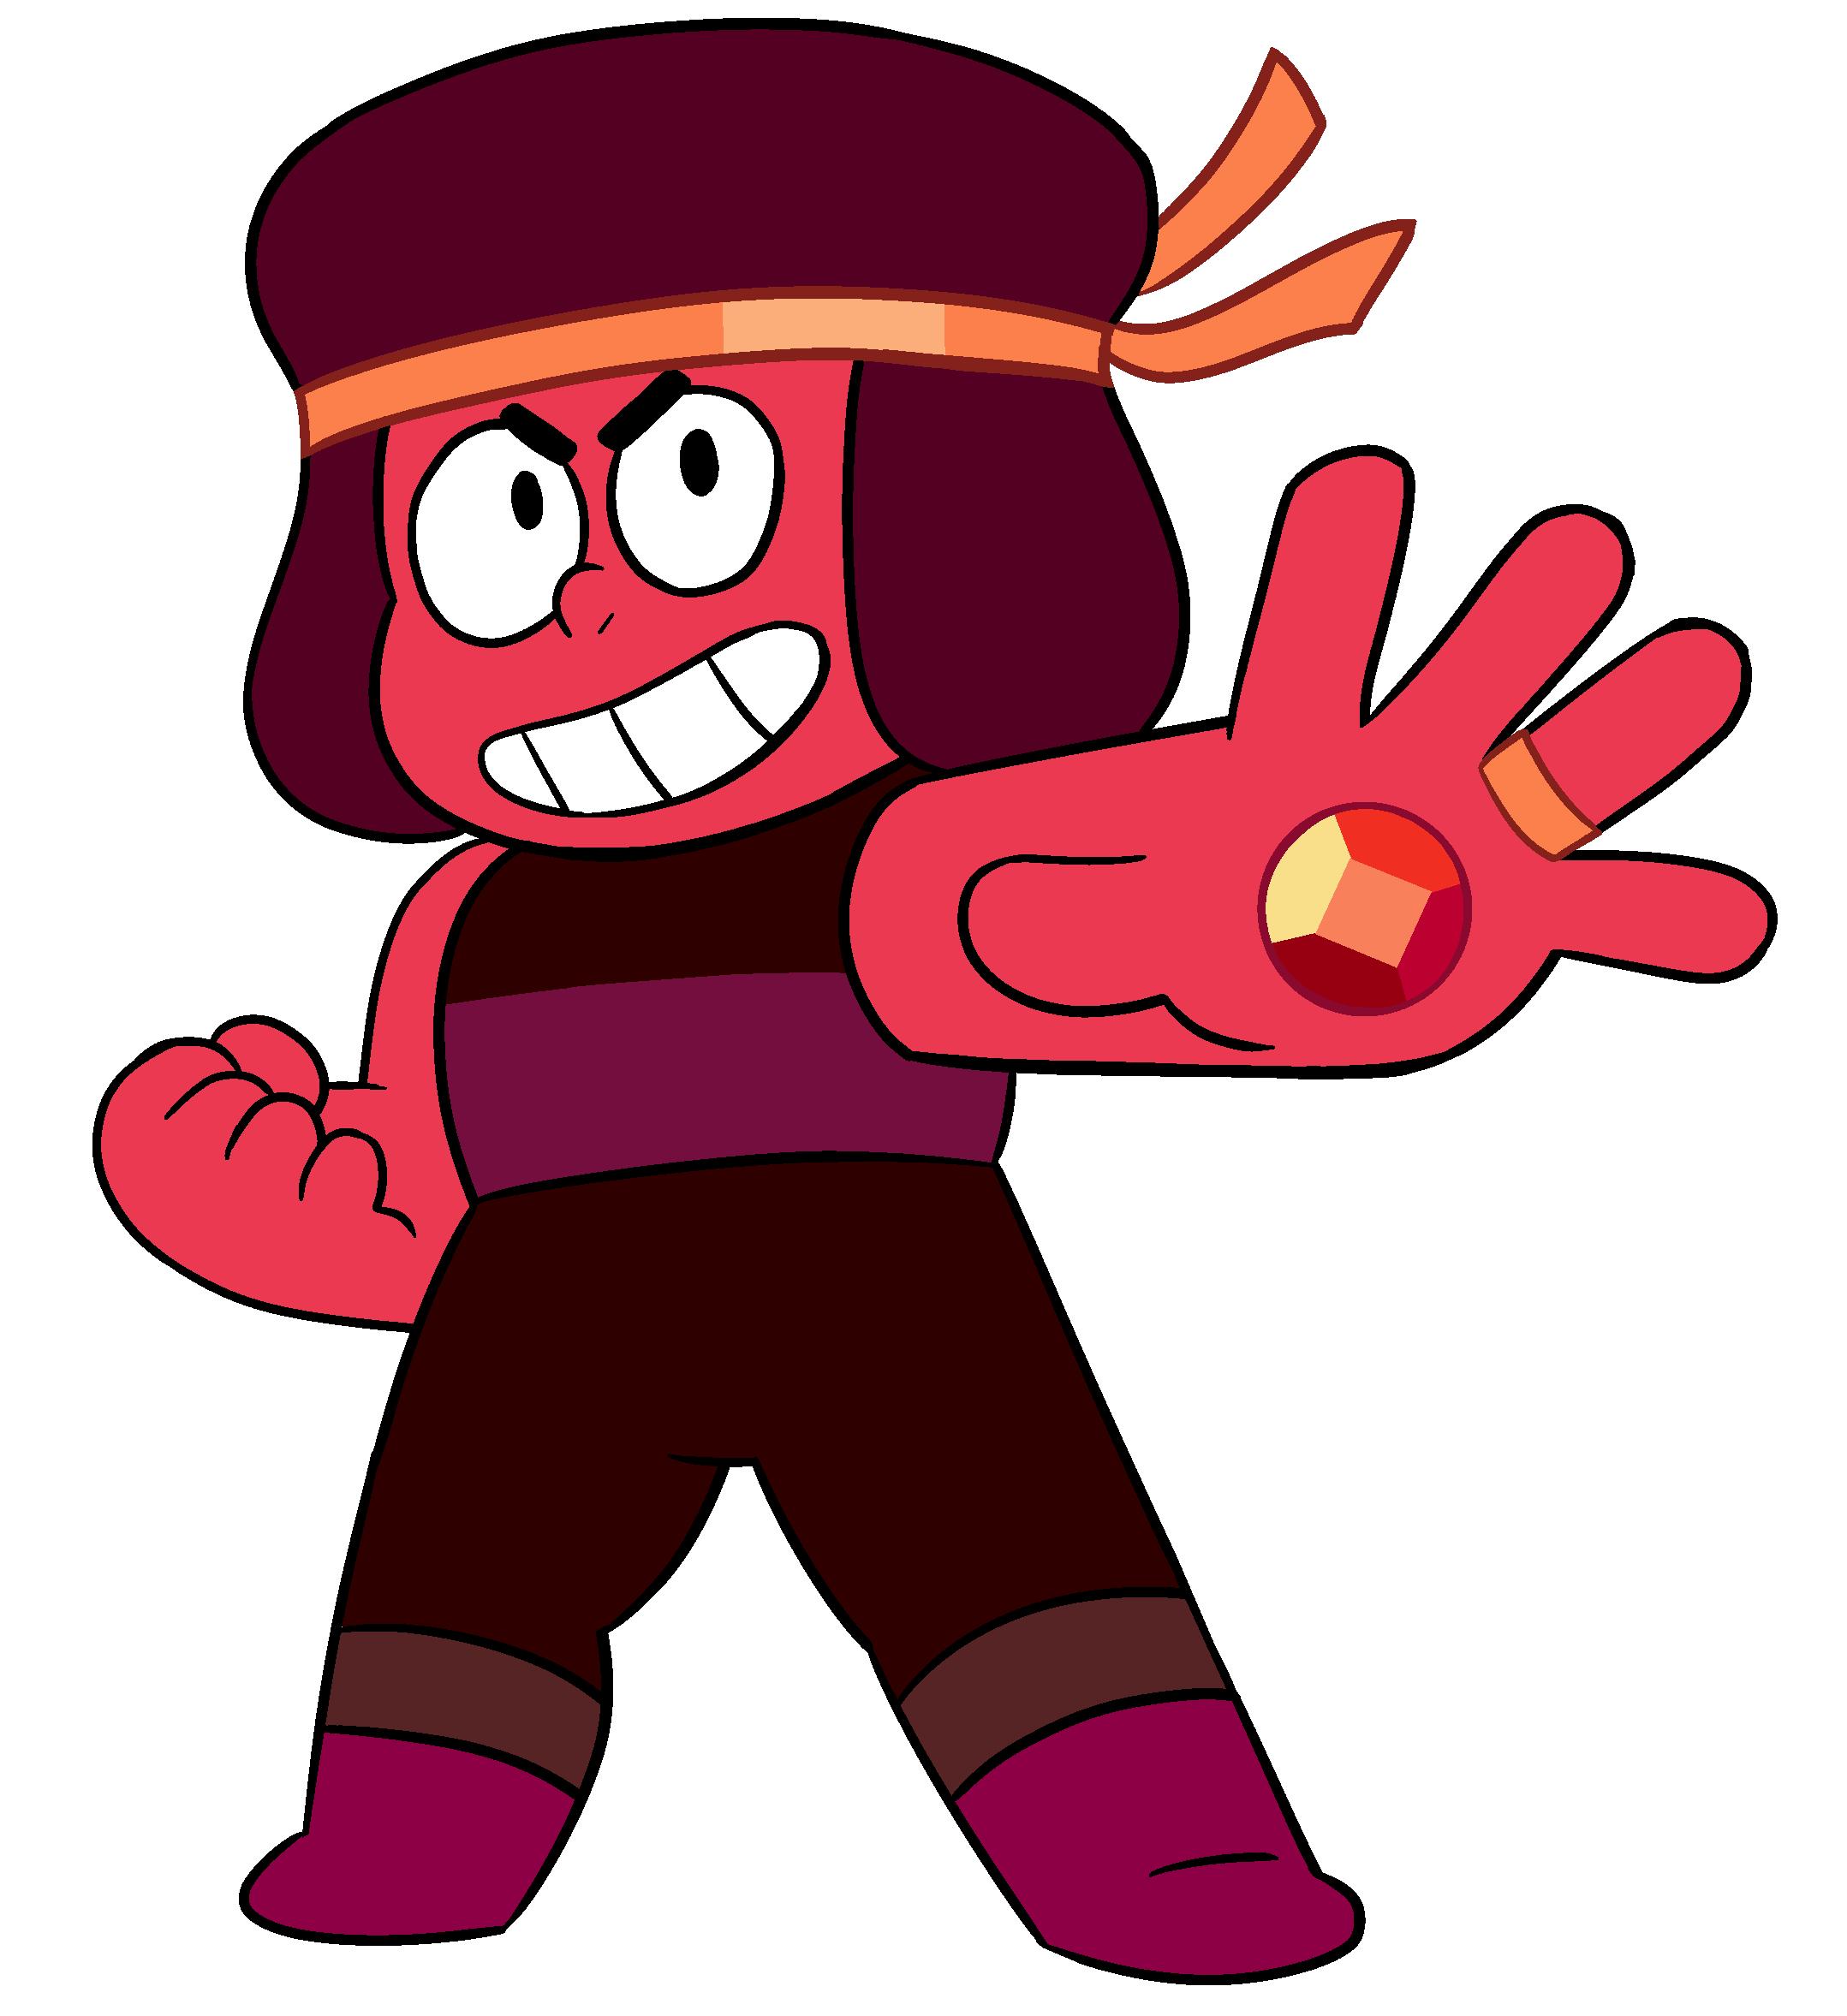 Rubí (Steven Universe)